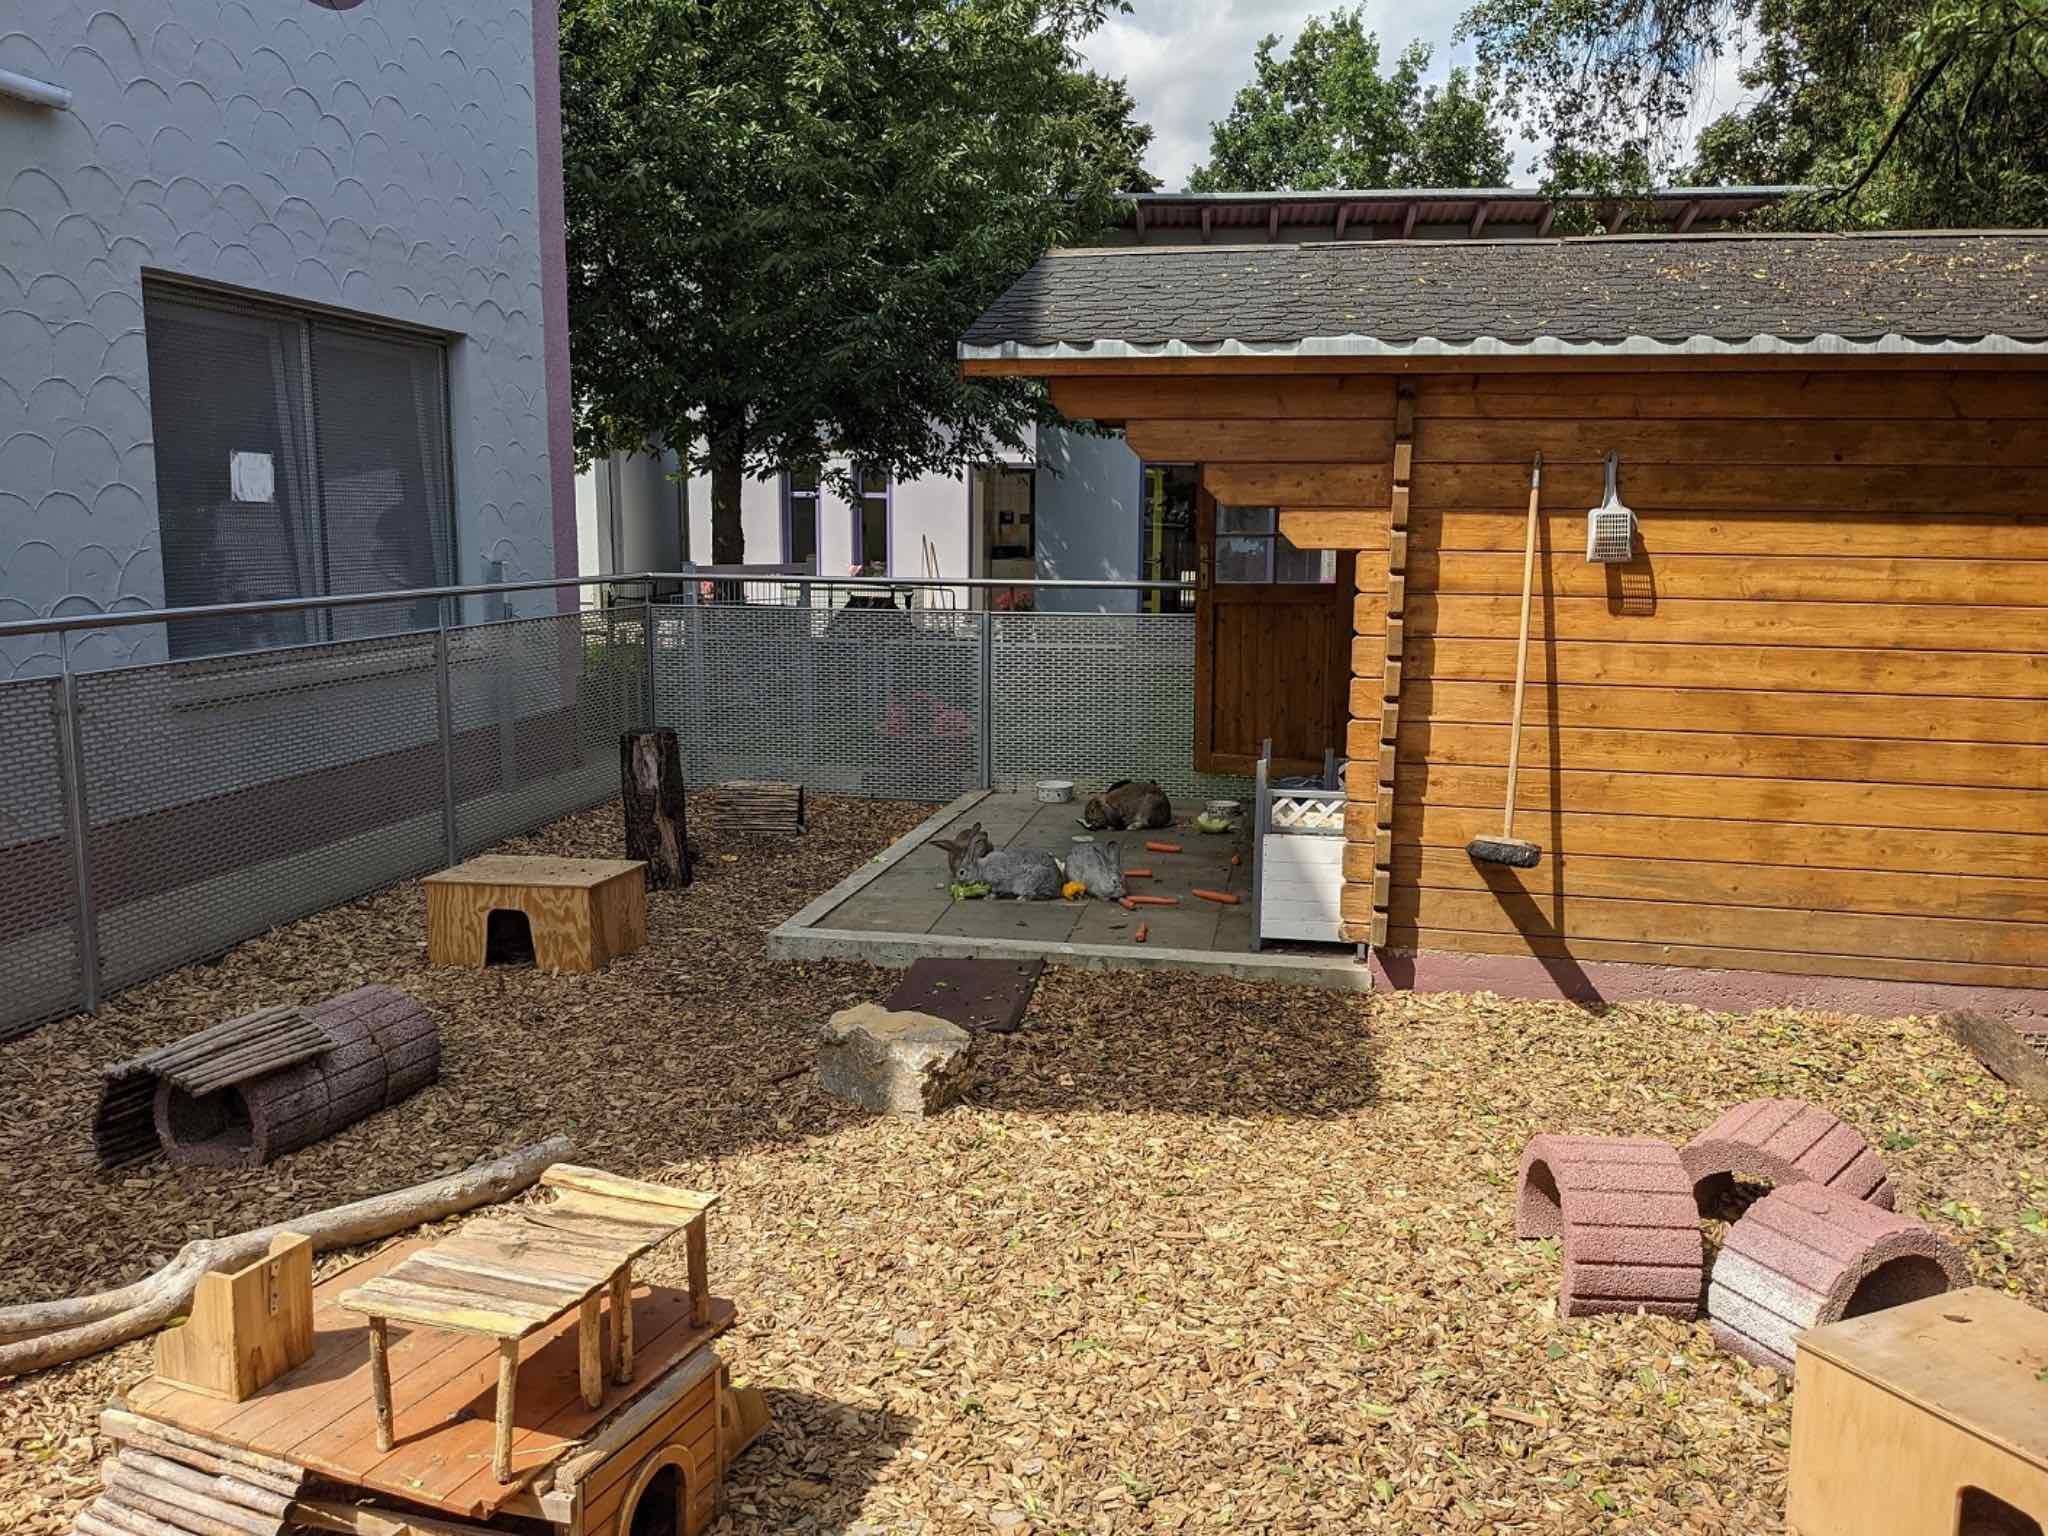 Das Tierheim ist aktuell zu 80 % ausgelastet. Foto: Christian Schuster